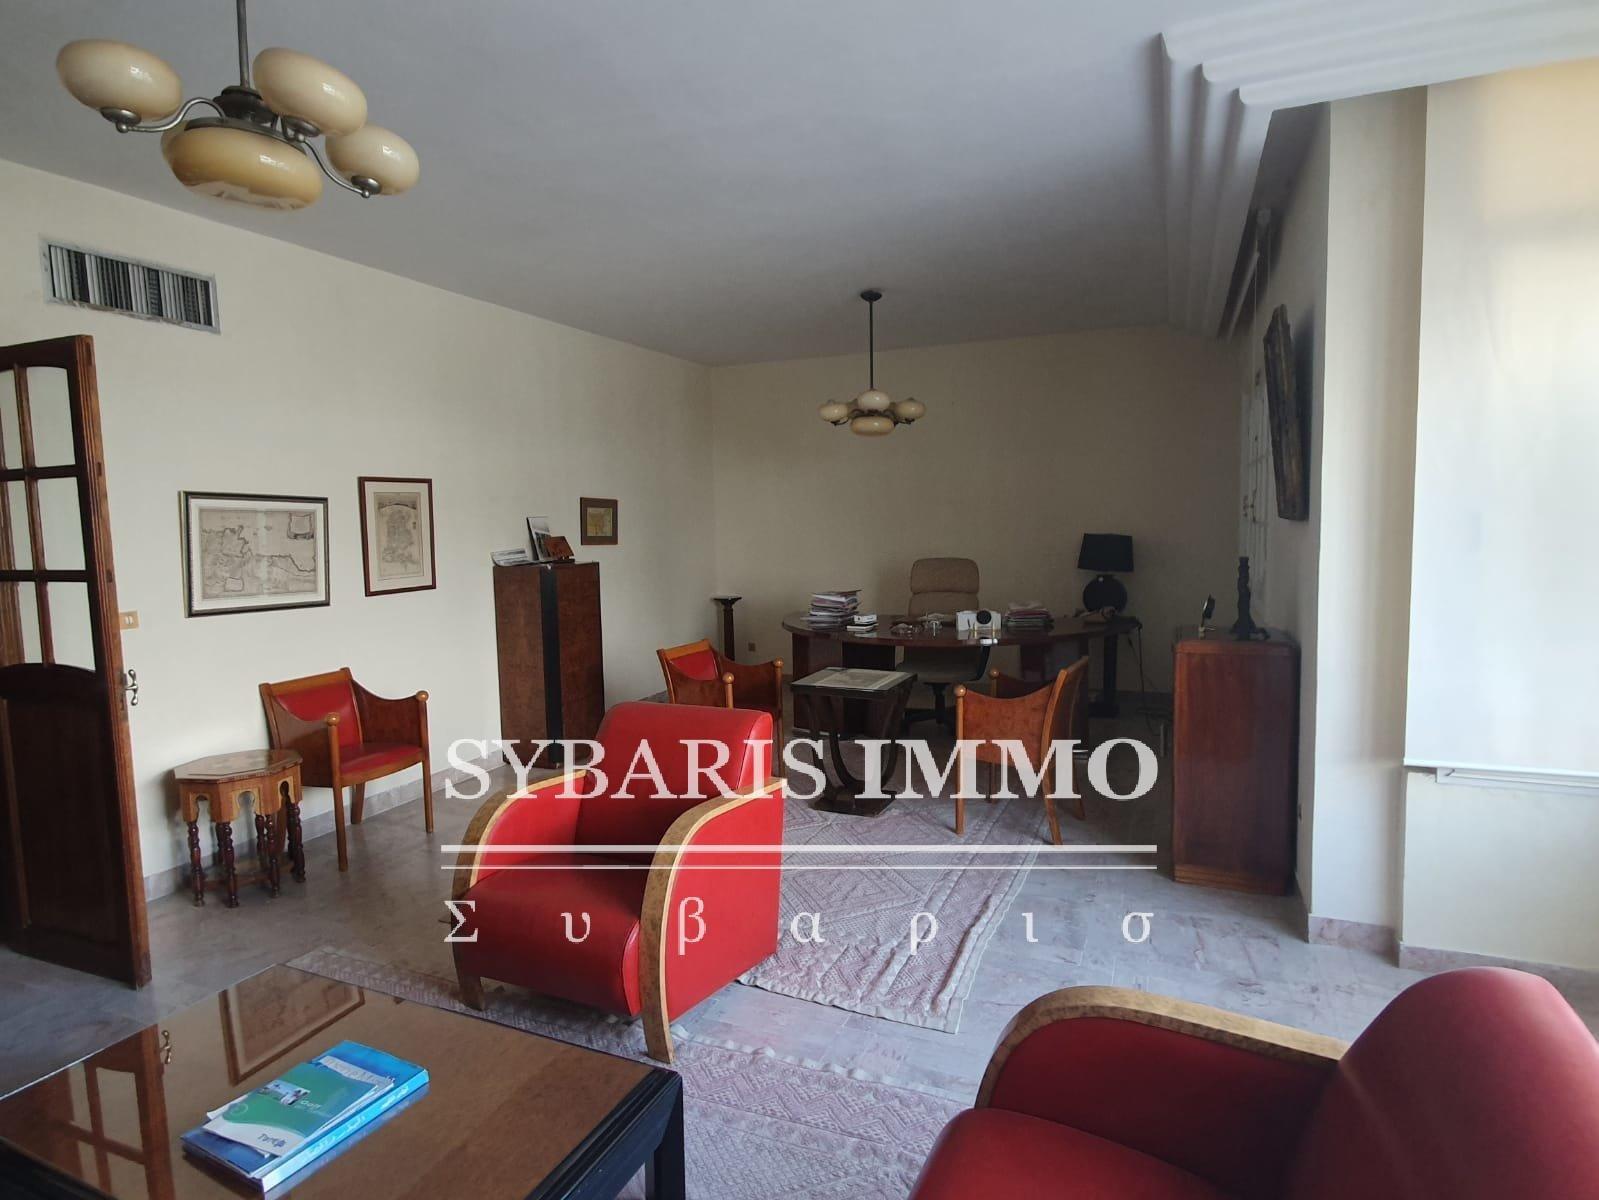 Immeuble à vendre à Cité Jardins - Tunis